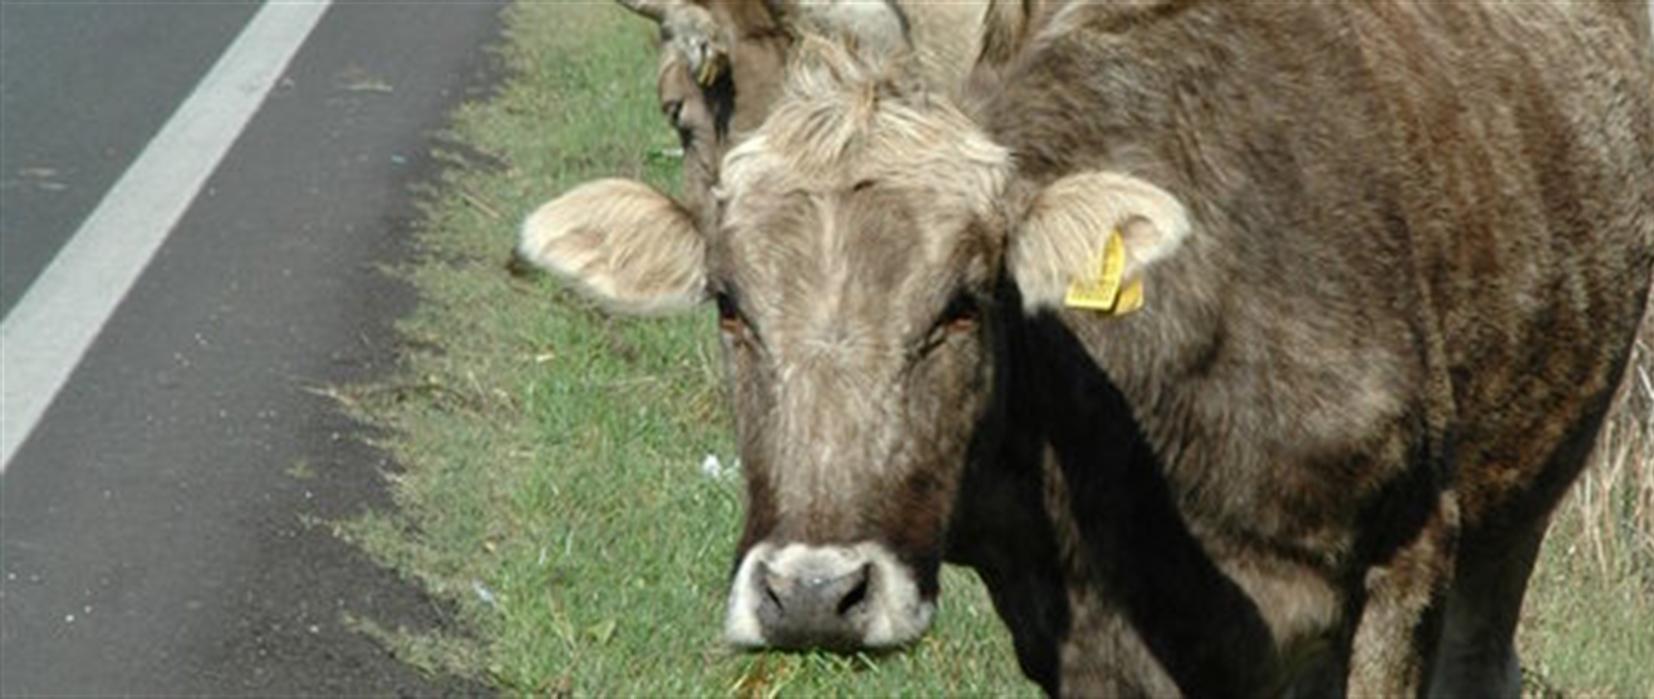 Ecco le mucche anti-roghi Sono delle vere sentinelle contro gli incndi